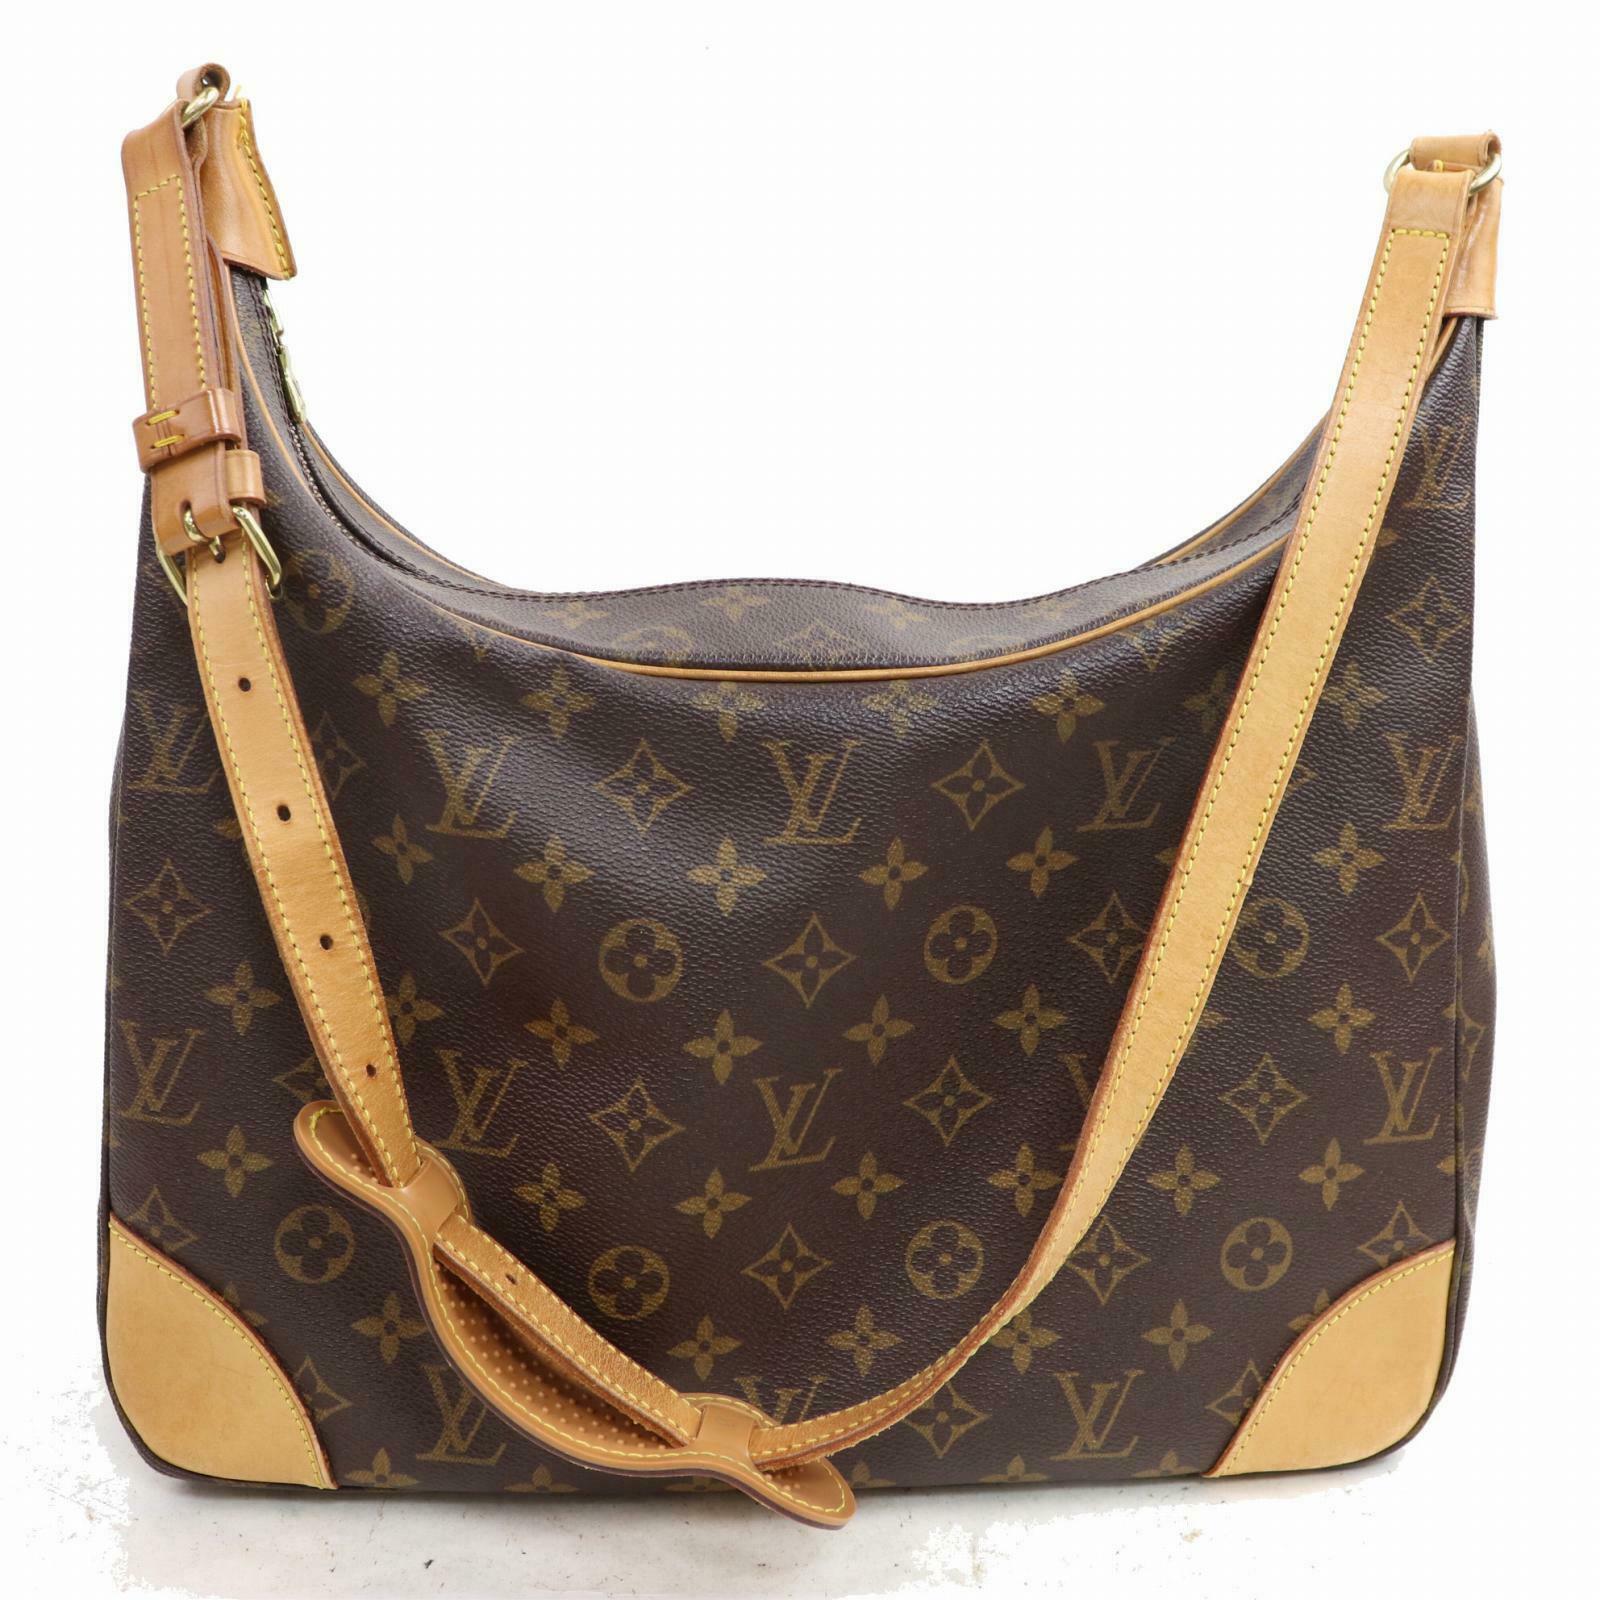 401157b5b2fb Louis Vuitton Boulogne 30 Monogram Shoulder Bag 1